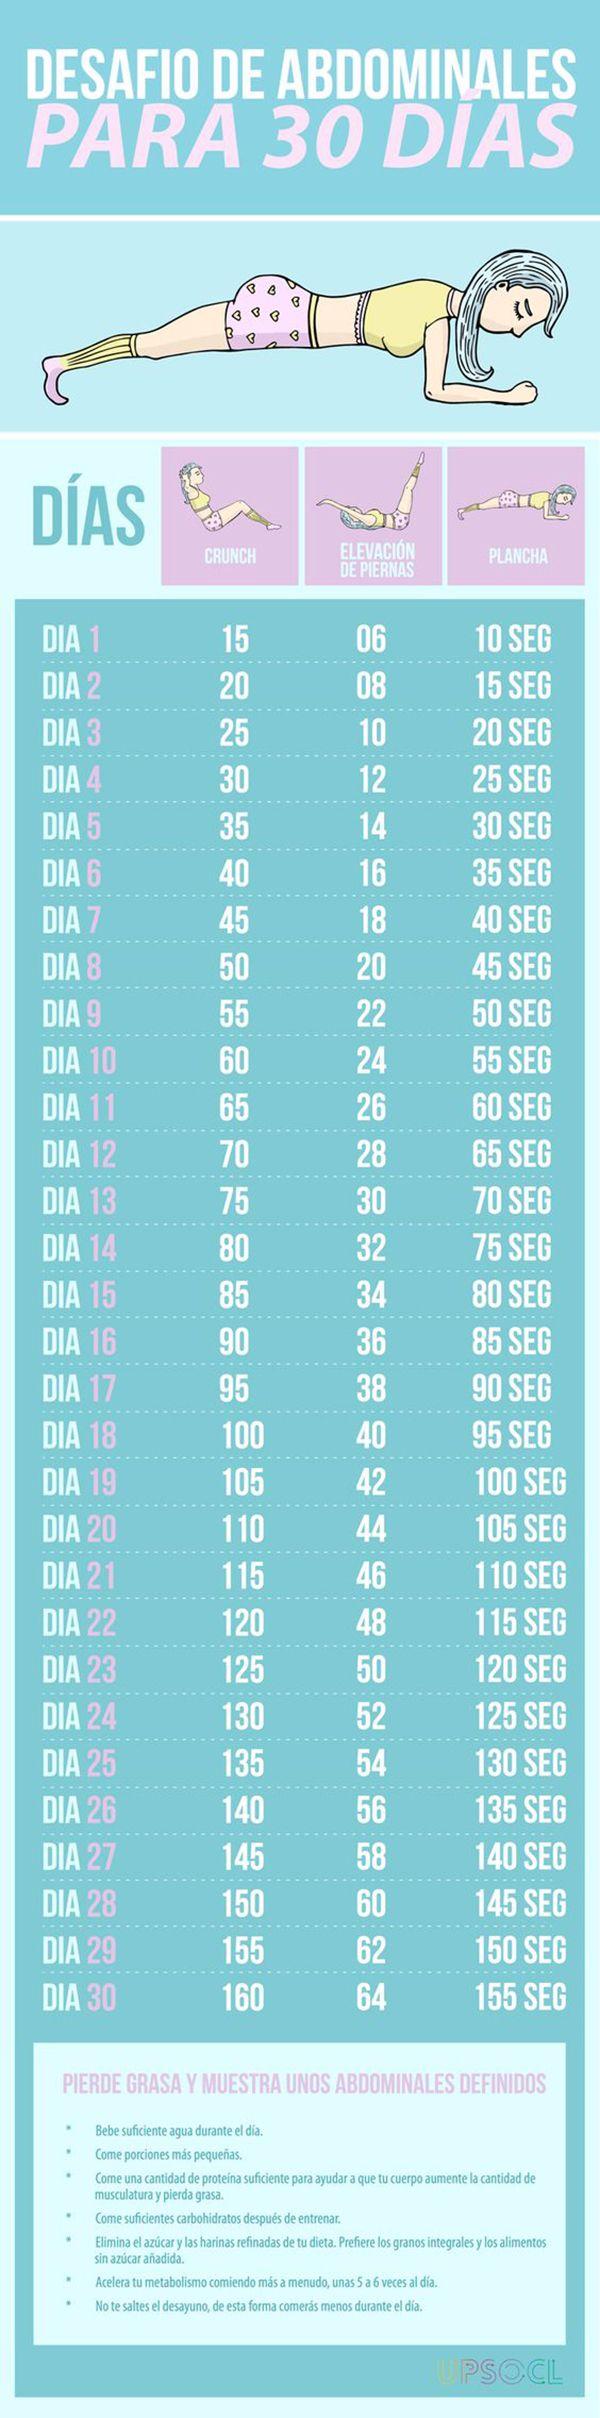 Desafío de abdominales para 30 días